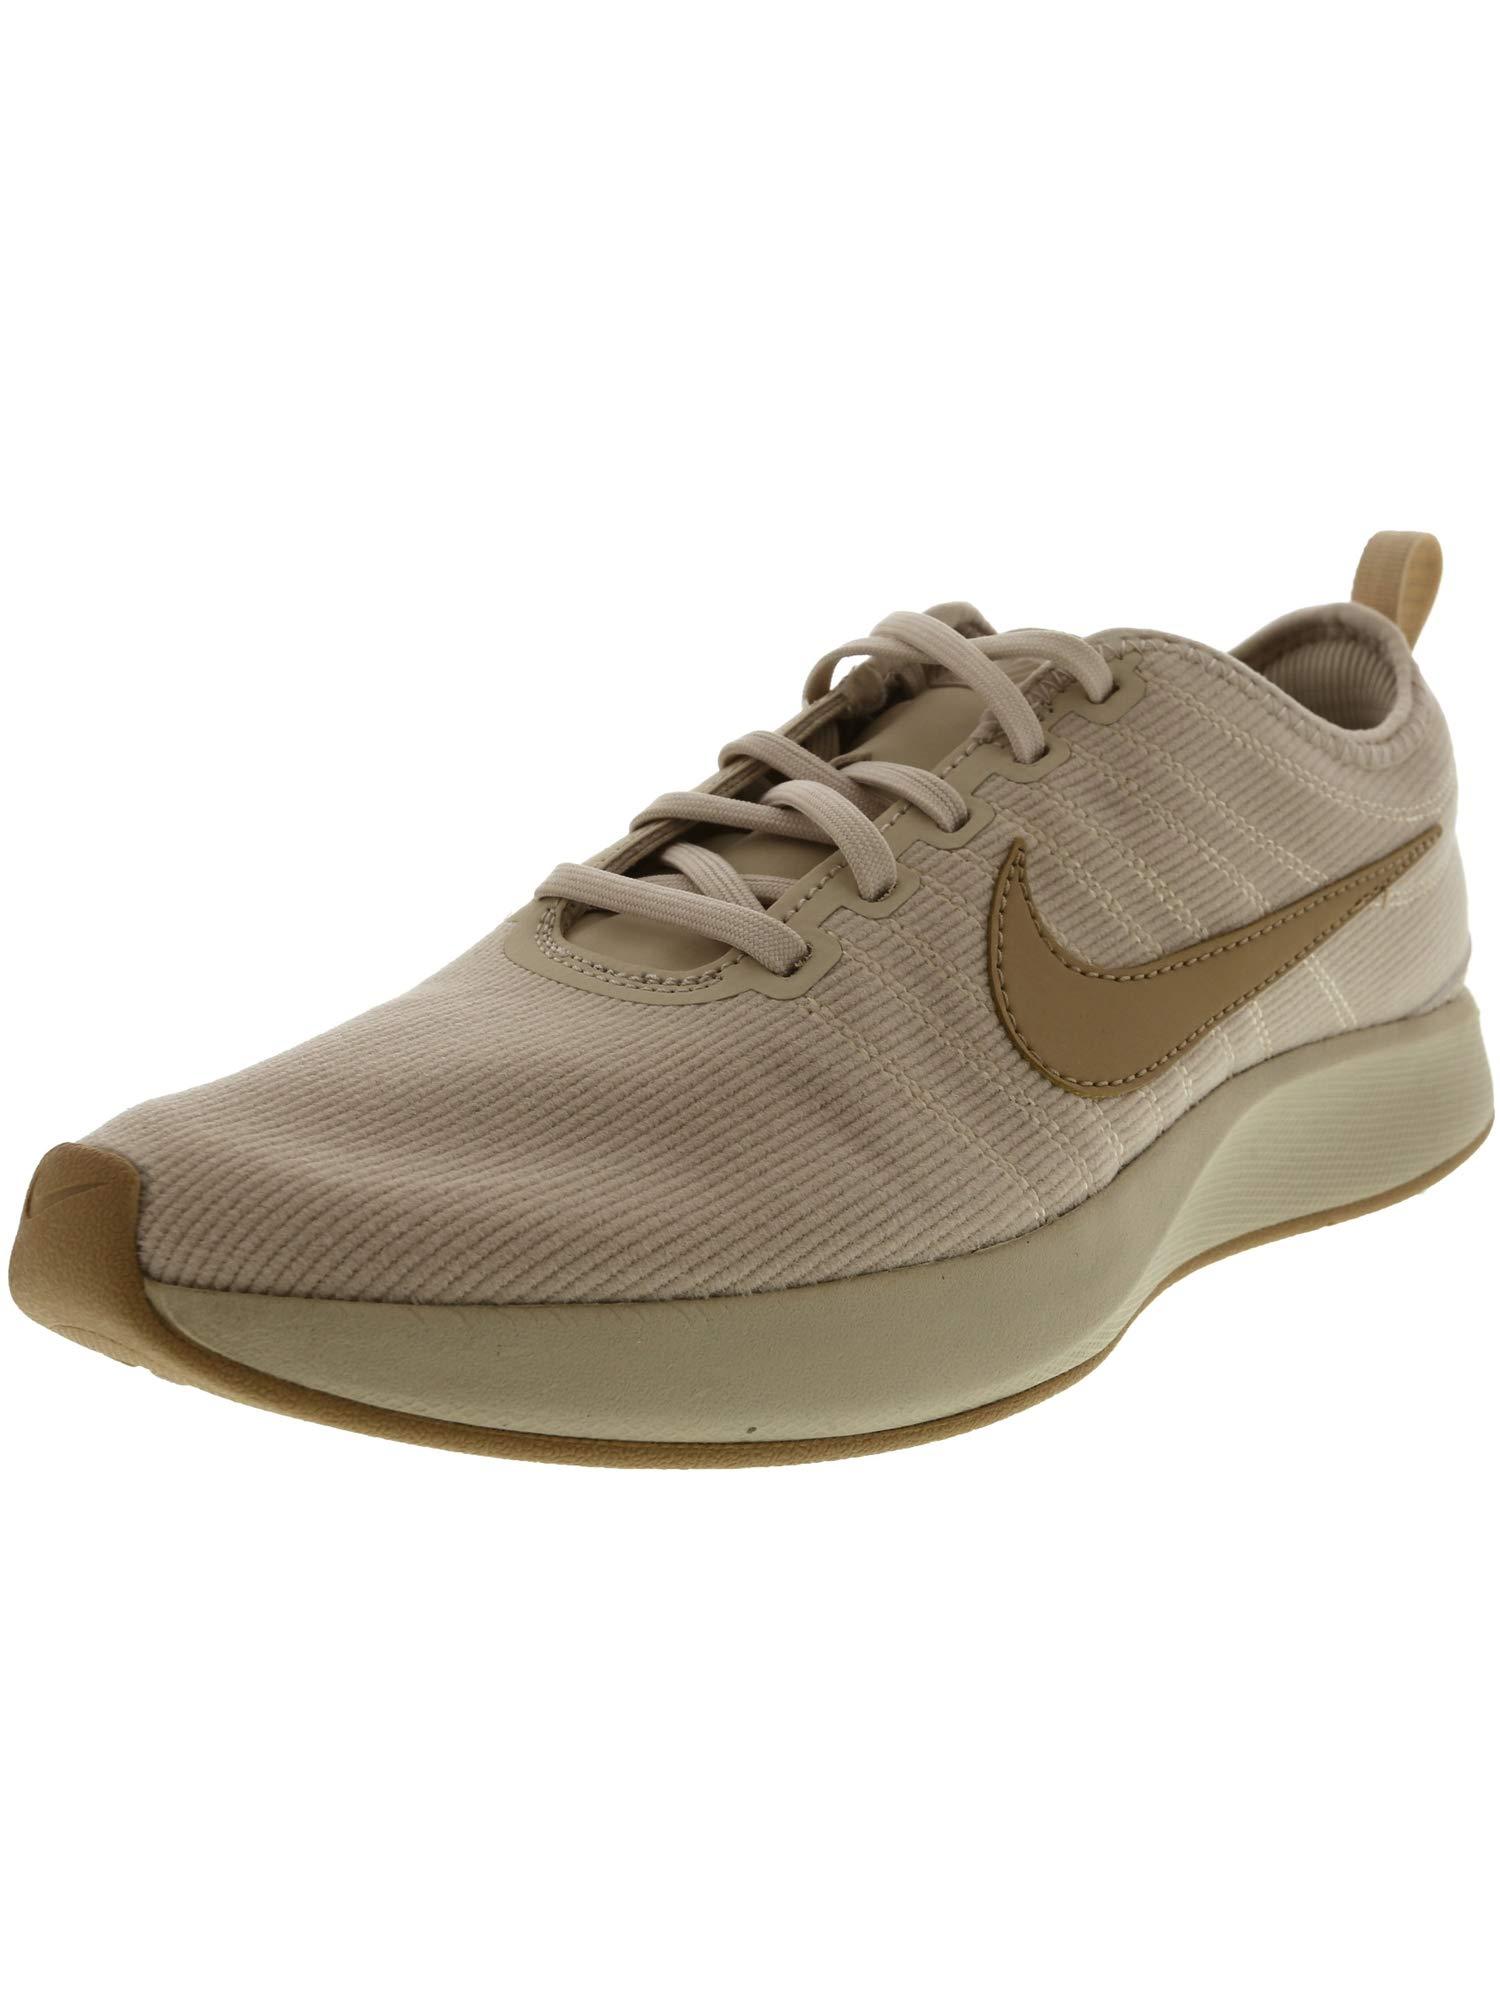 3e474c83a0c58 Galleon - Nike Women s Dualtone Racer Desert Sand Ankle-High Running Shoe -  7M